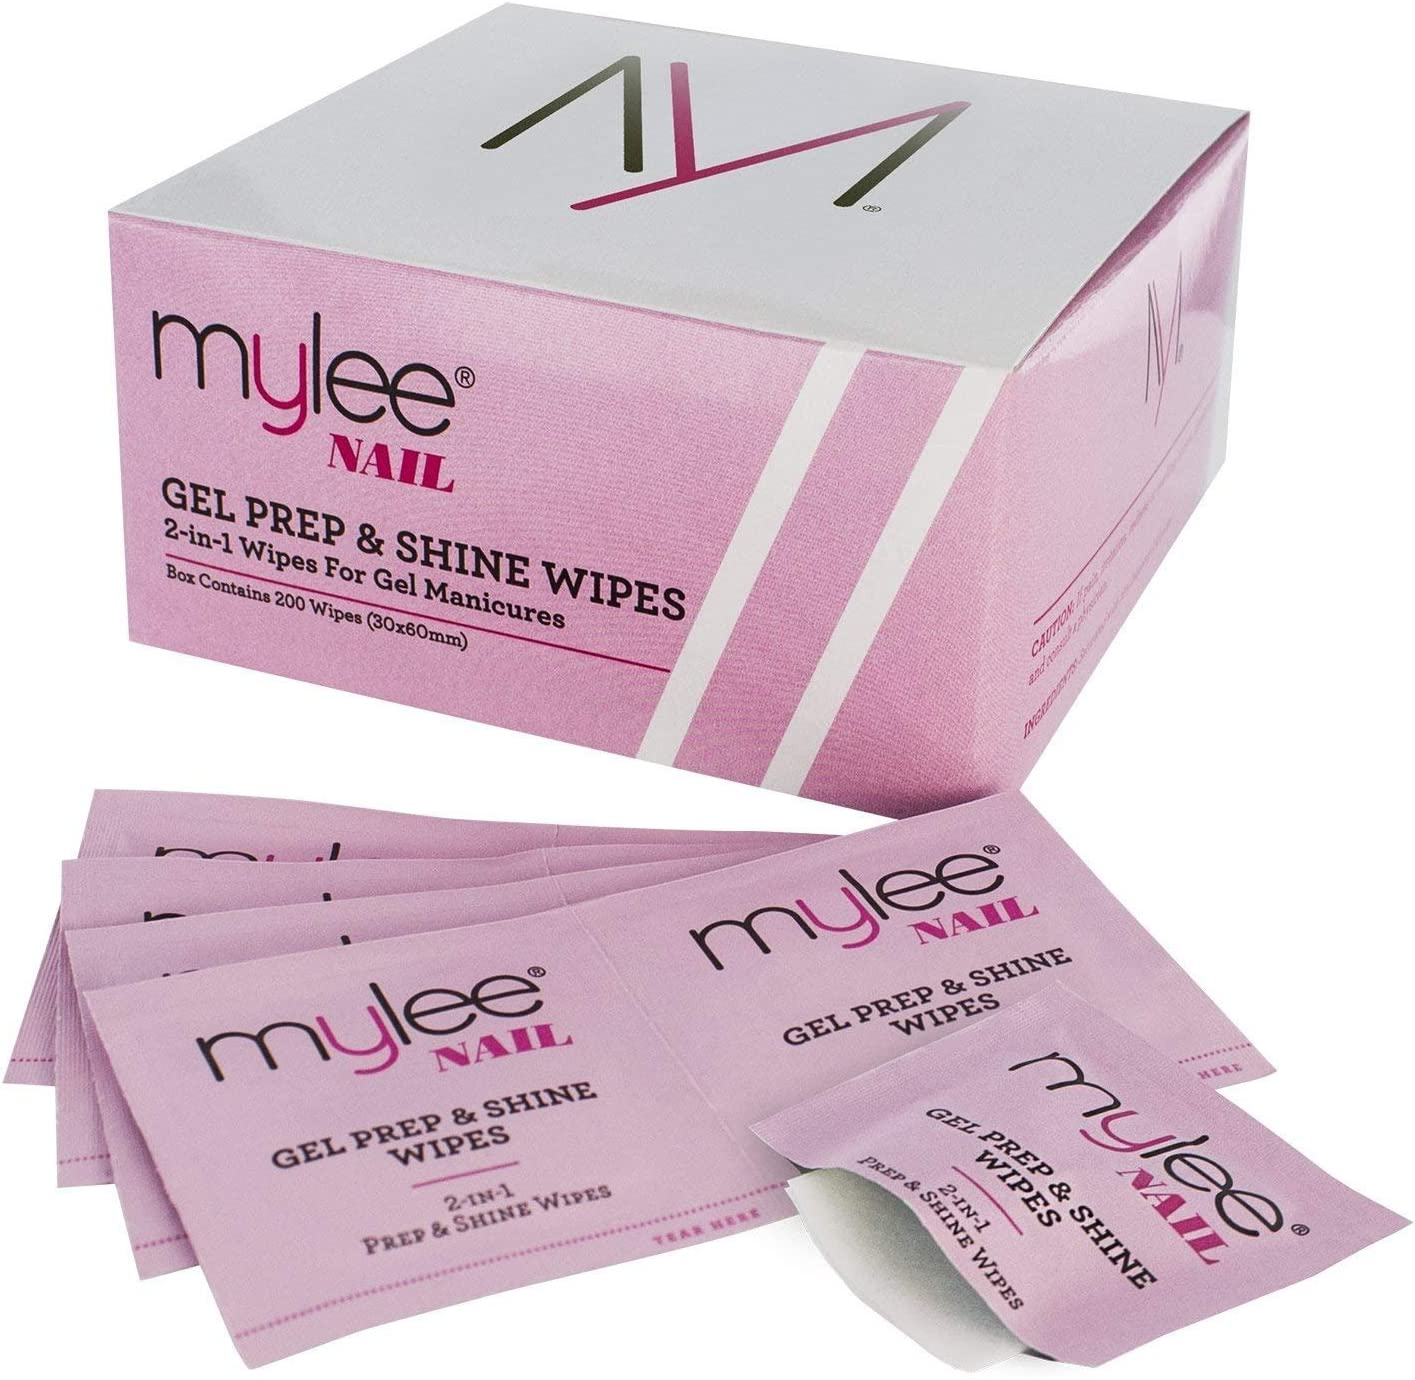 Mylee 200 Toallitas para Preparación y Acabado de la Manicura de Gel, Limpiador de Esmalte y Residuos Pegajosos para Uñas de GEL LED UV, Limpia la Base de la Uña Antes de la Manicura o Pedicura